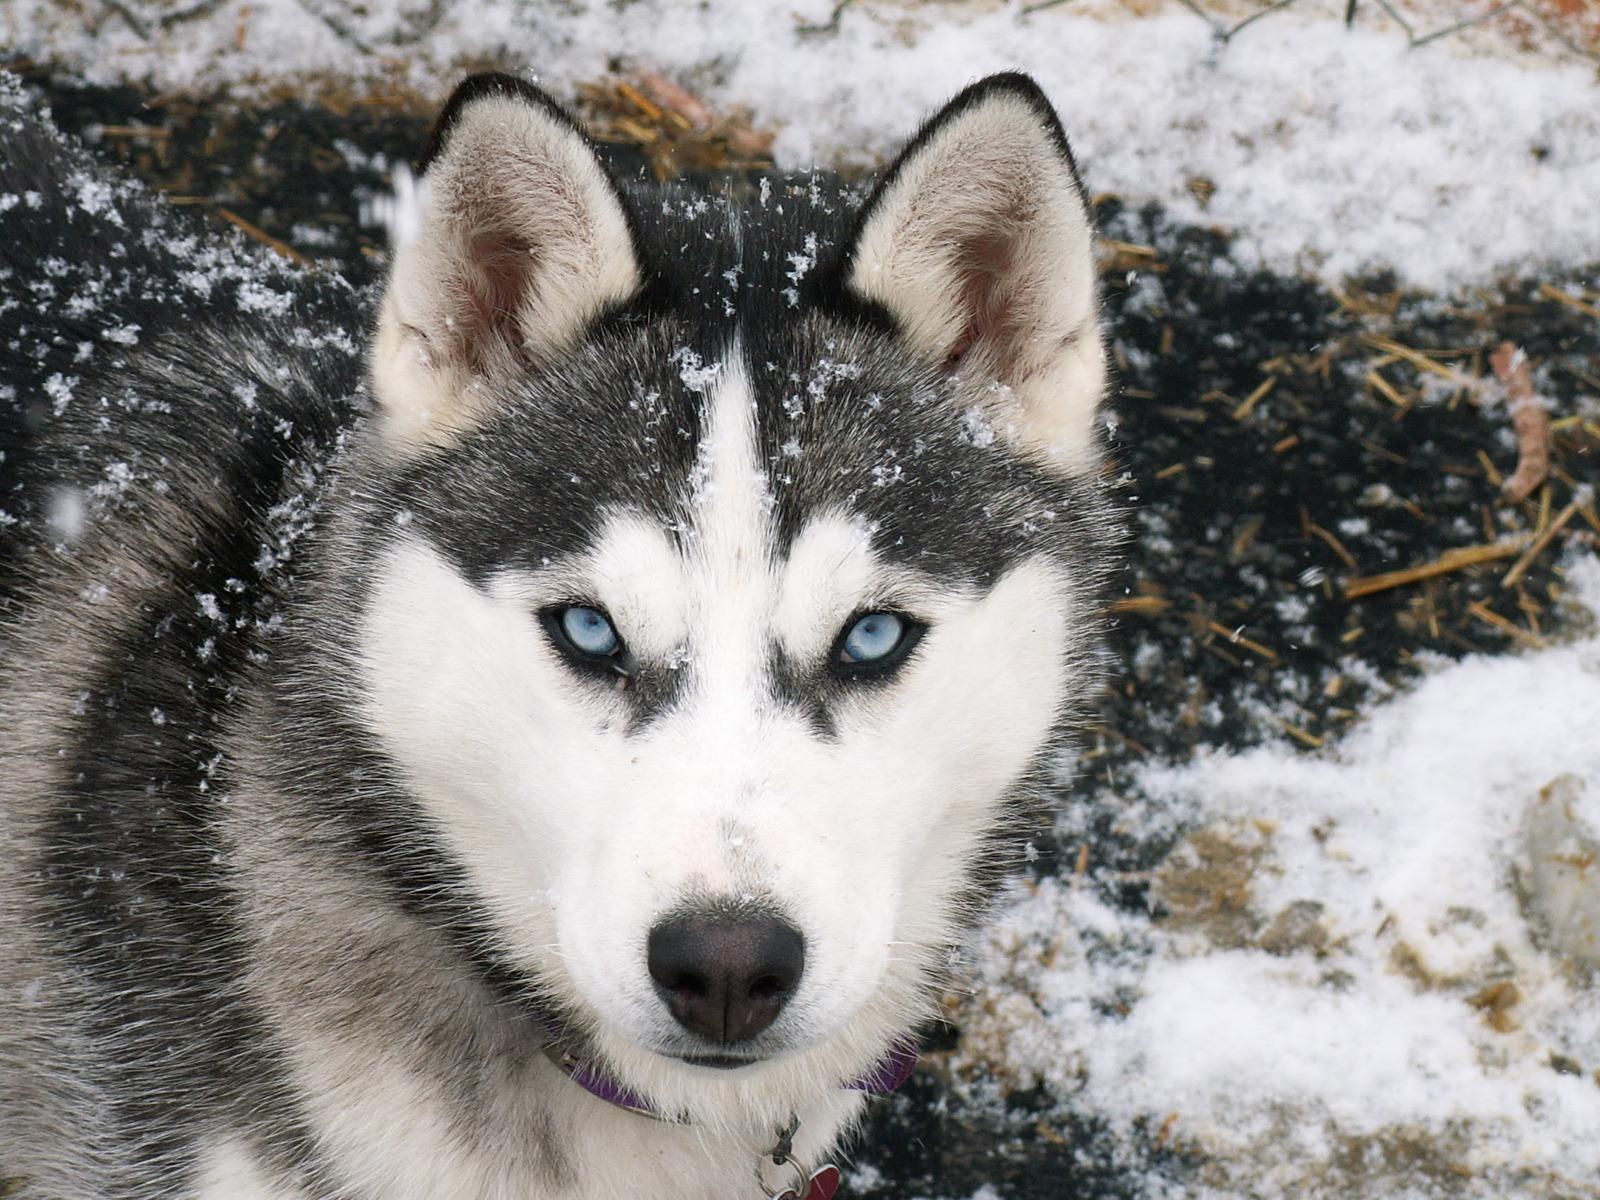 Husky Dog Photo